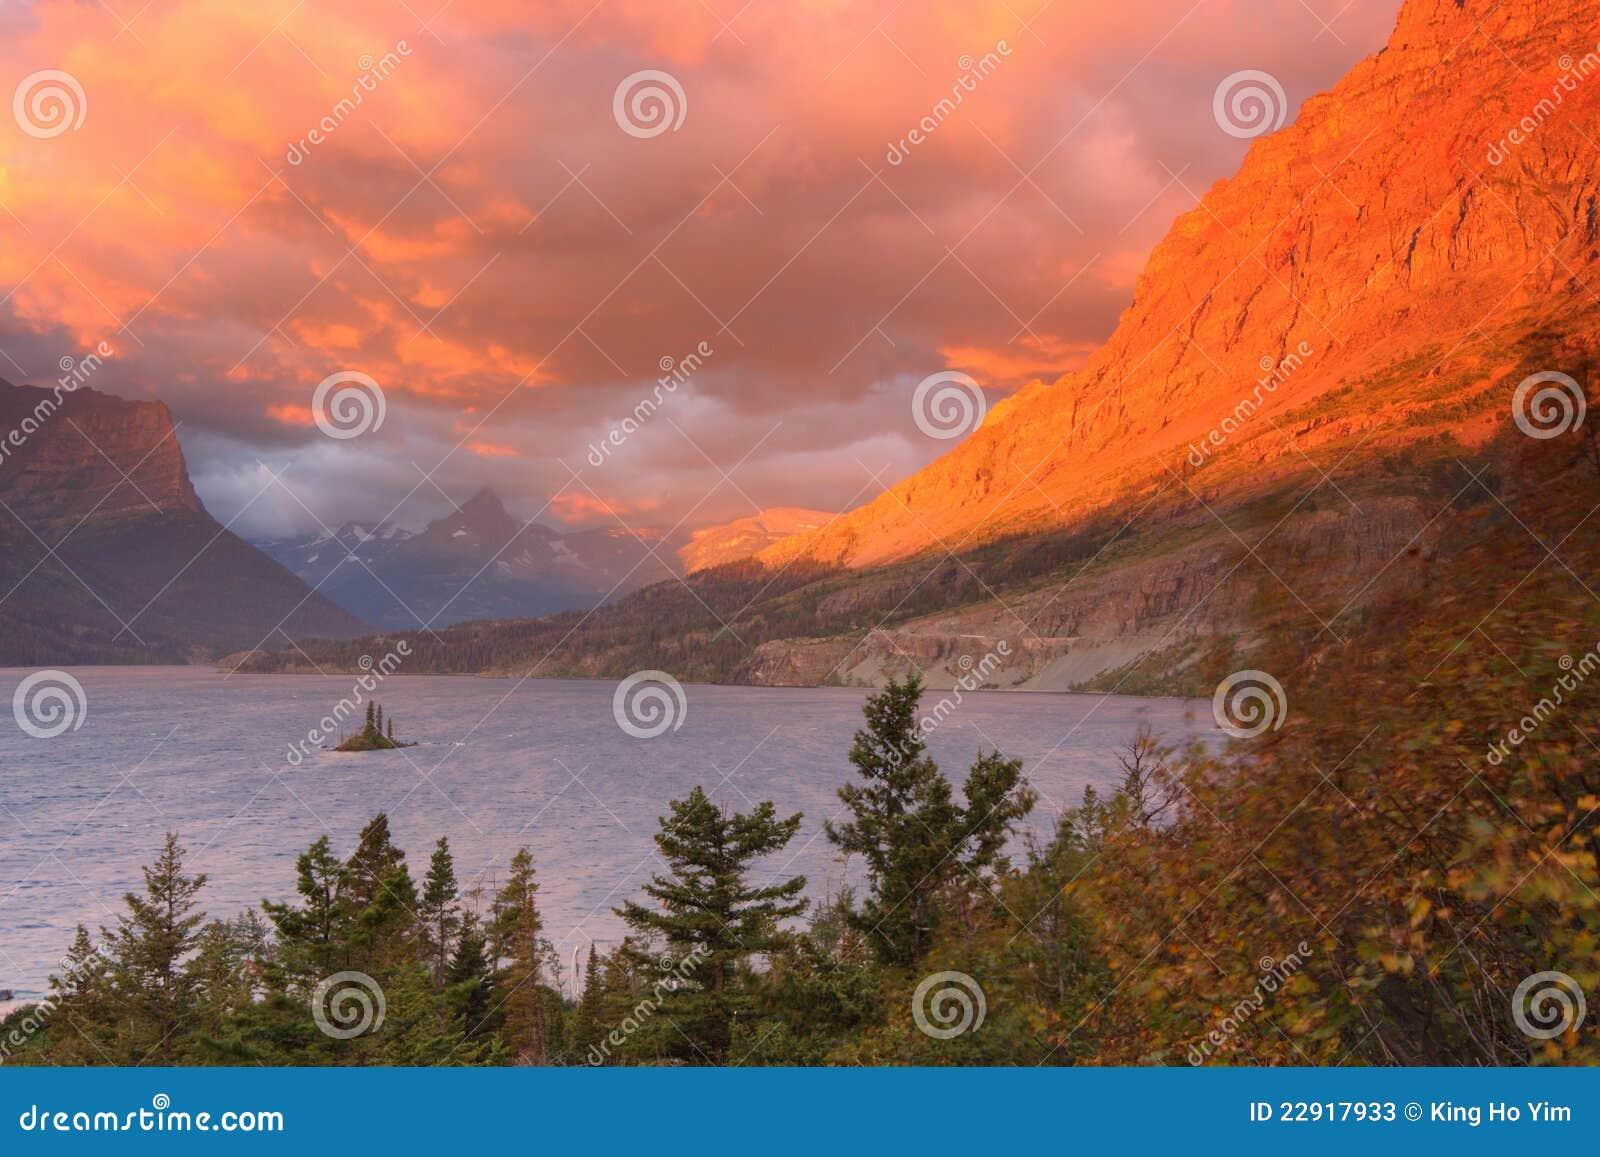 冰川国家公园